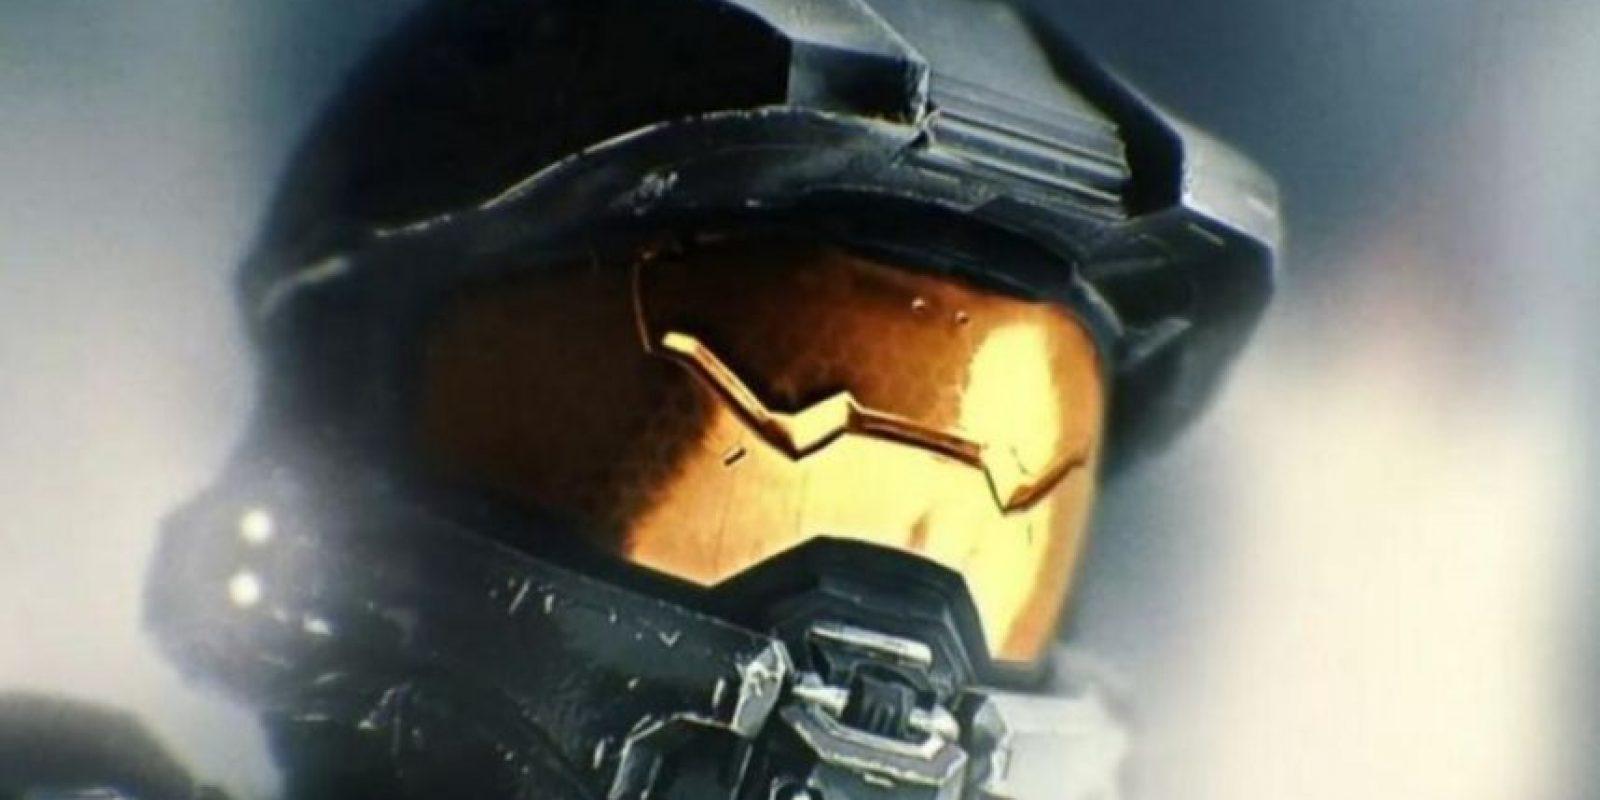 Se centra en la deserción del Jefe Maestro y la caza del mismo por parte de la Oficina de Inteligencia Naval, además de una amenaza que se encuentra eliminando planetas. Foto:Xbox